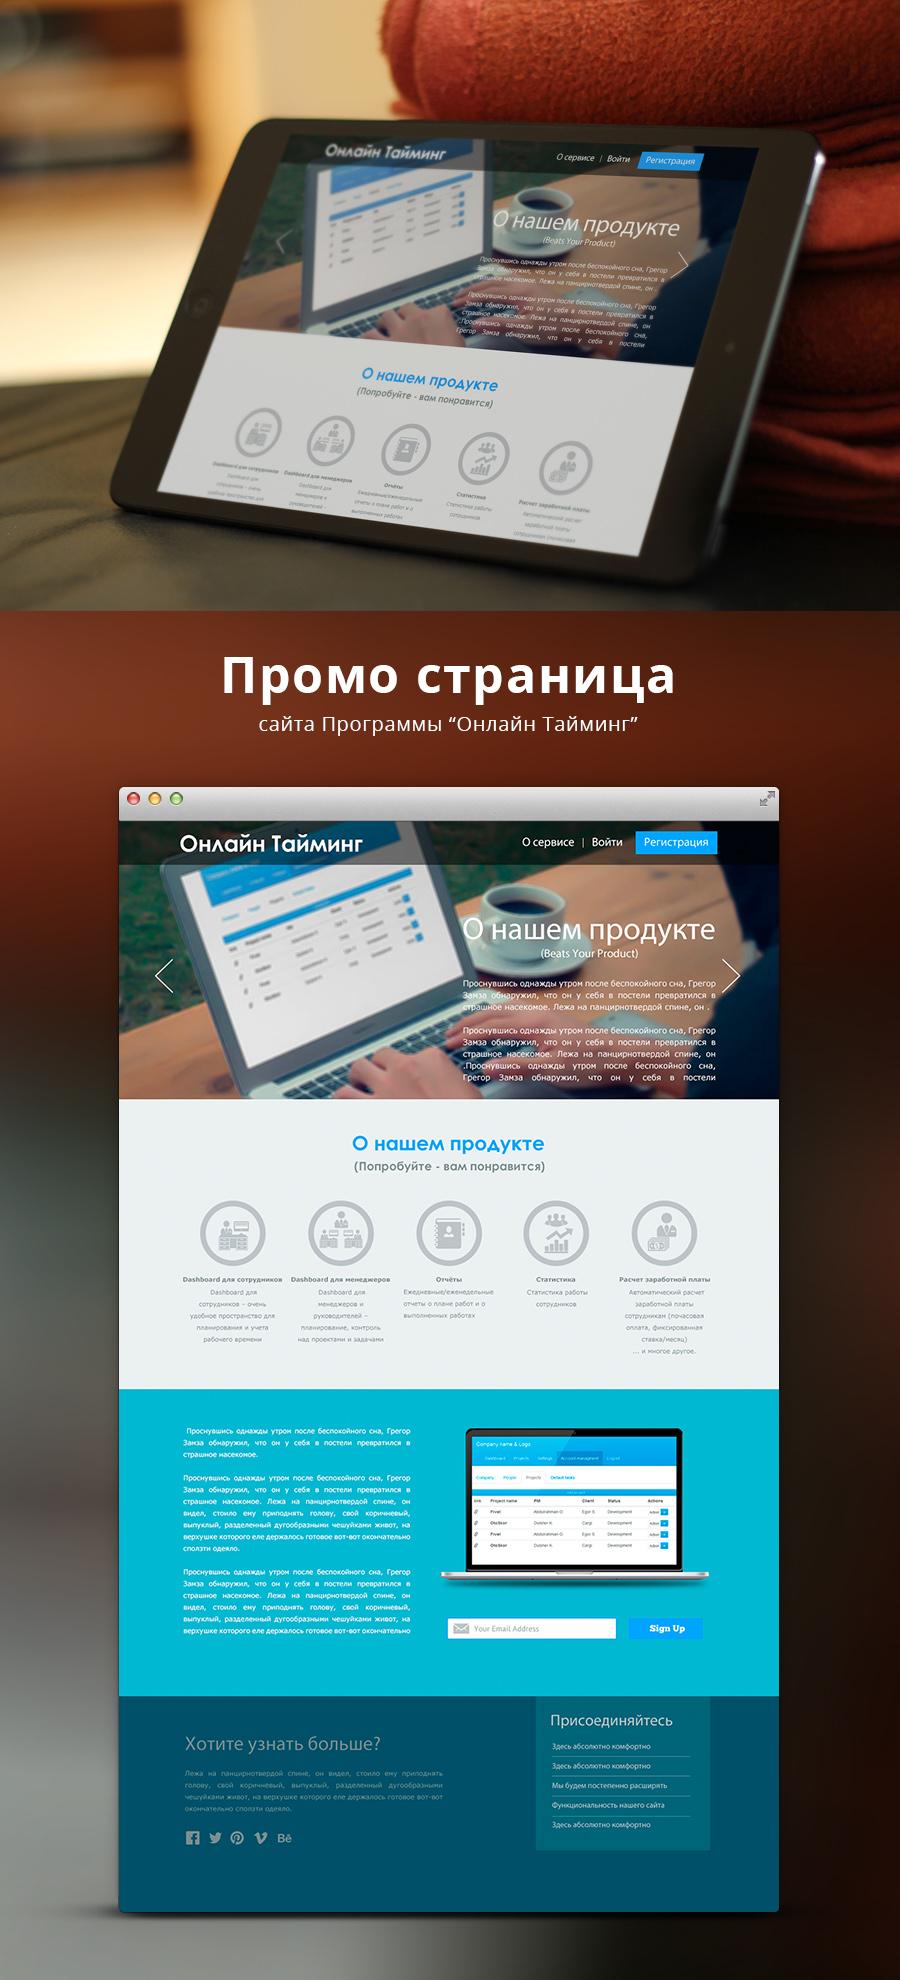 """Промо страница - """"Онлайн Тайминг"""""""